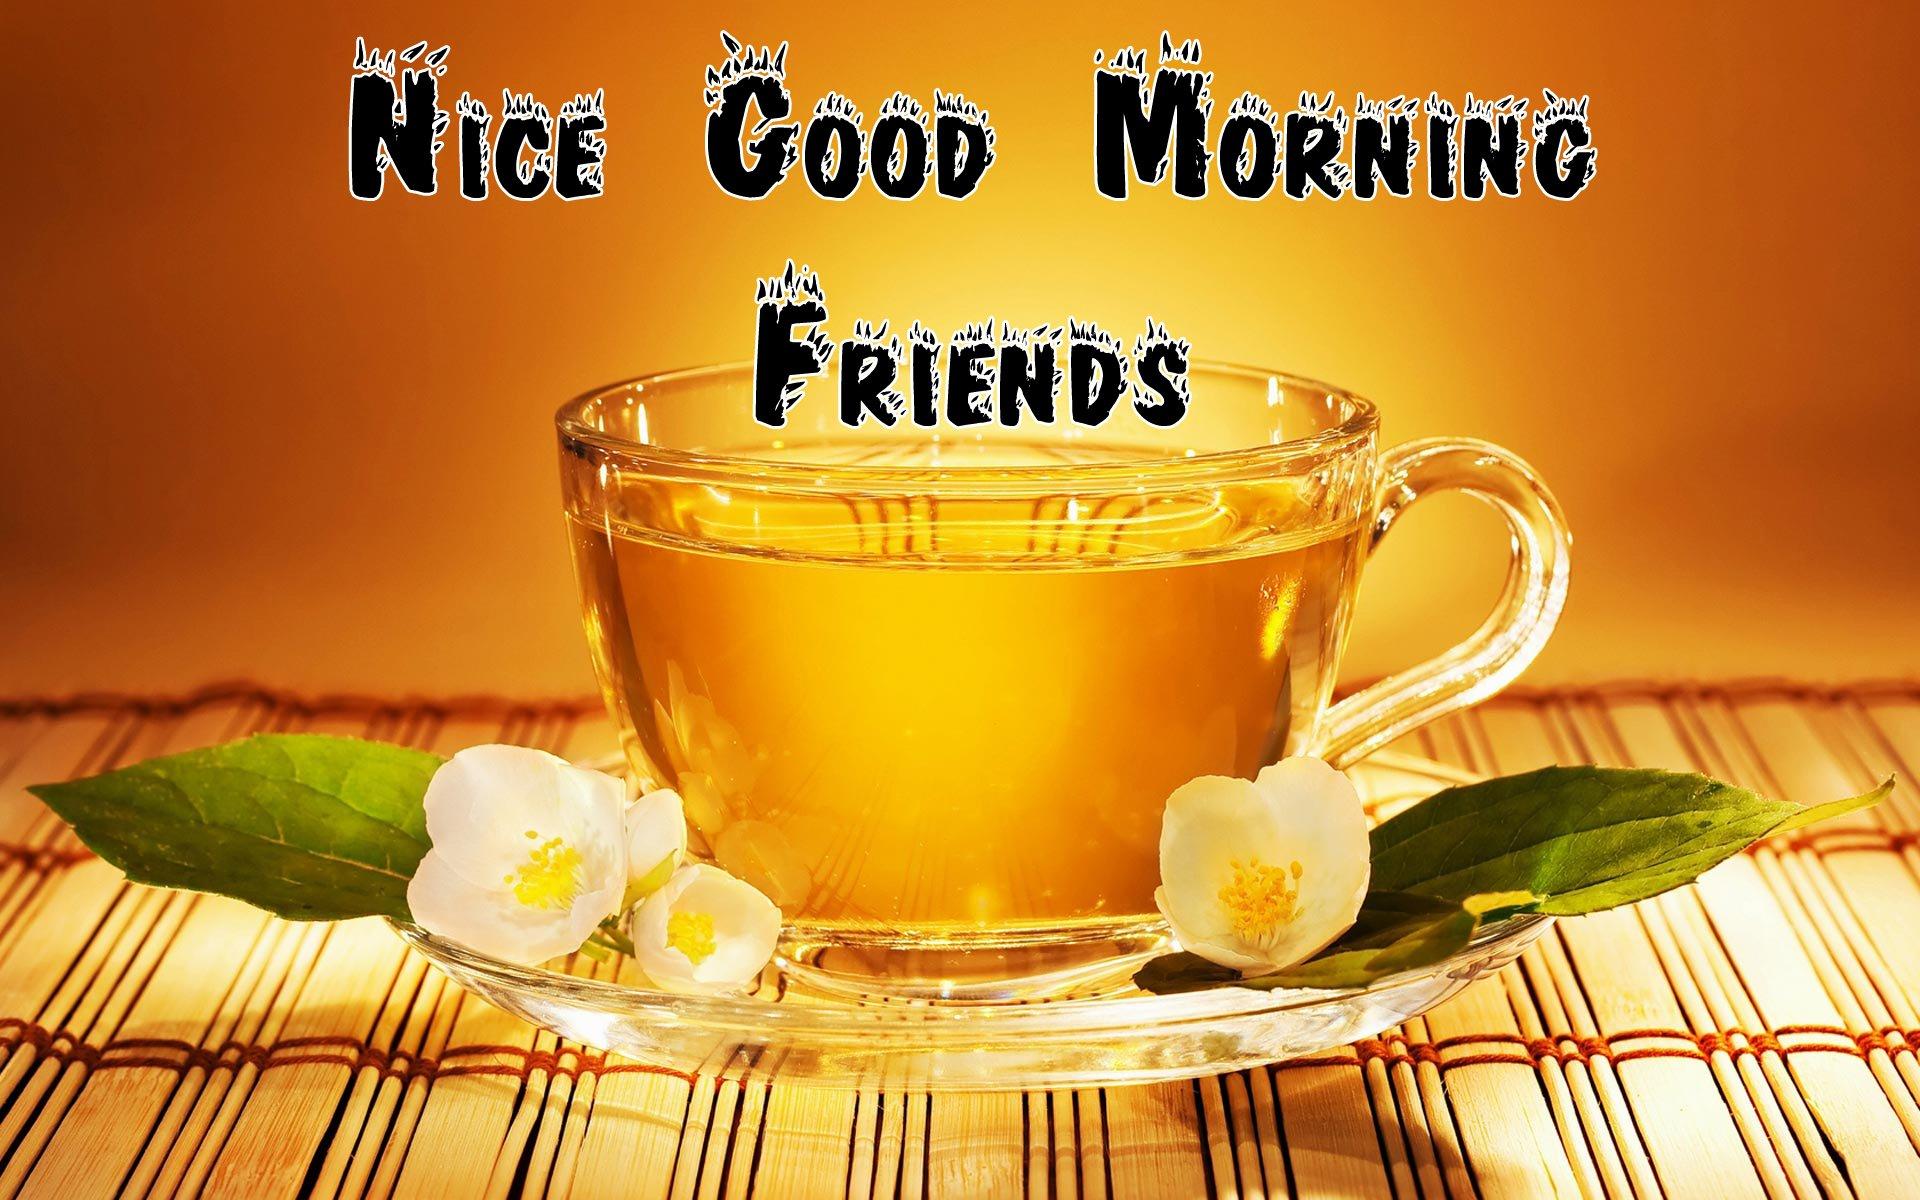 Ngày mới tốt lành, my friend